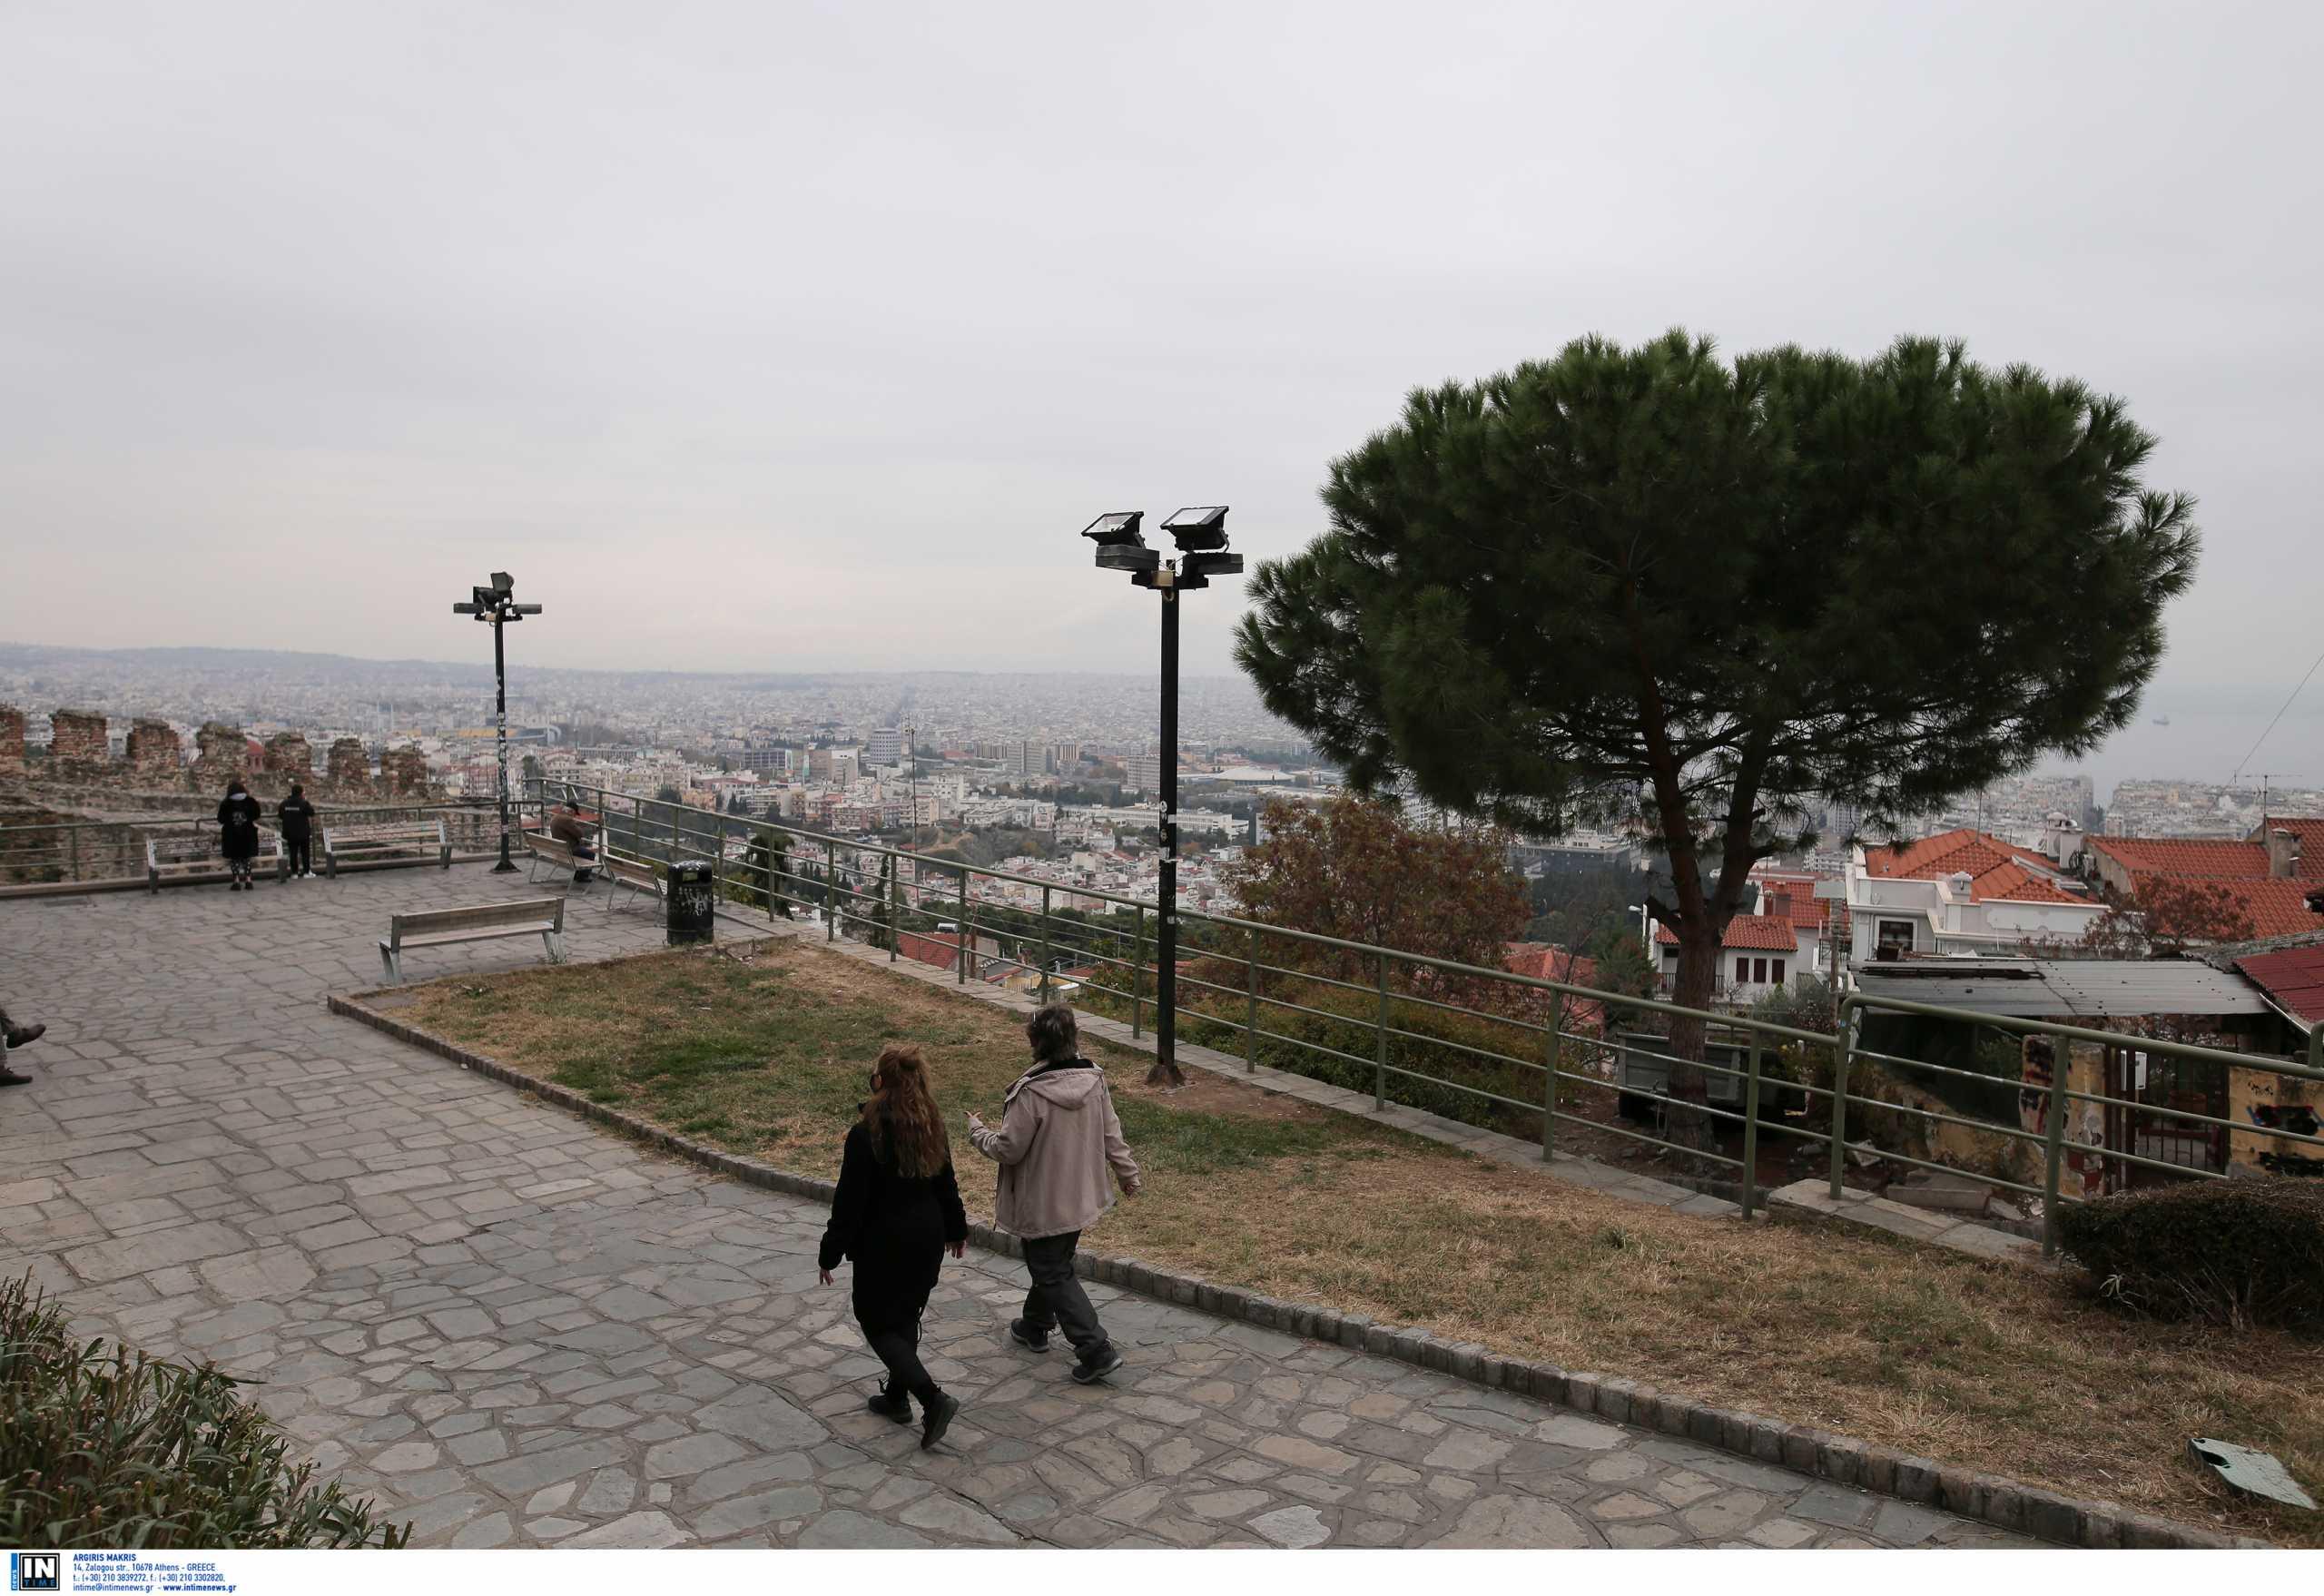 Θεσσαλονίκη: Μείωση 23% στο ιικό φορτίο του κορονοϊού στα λύματα